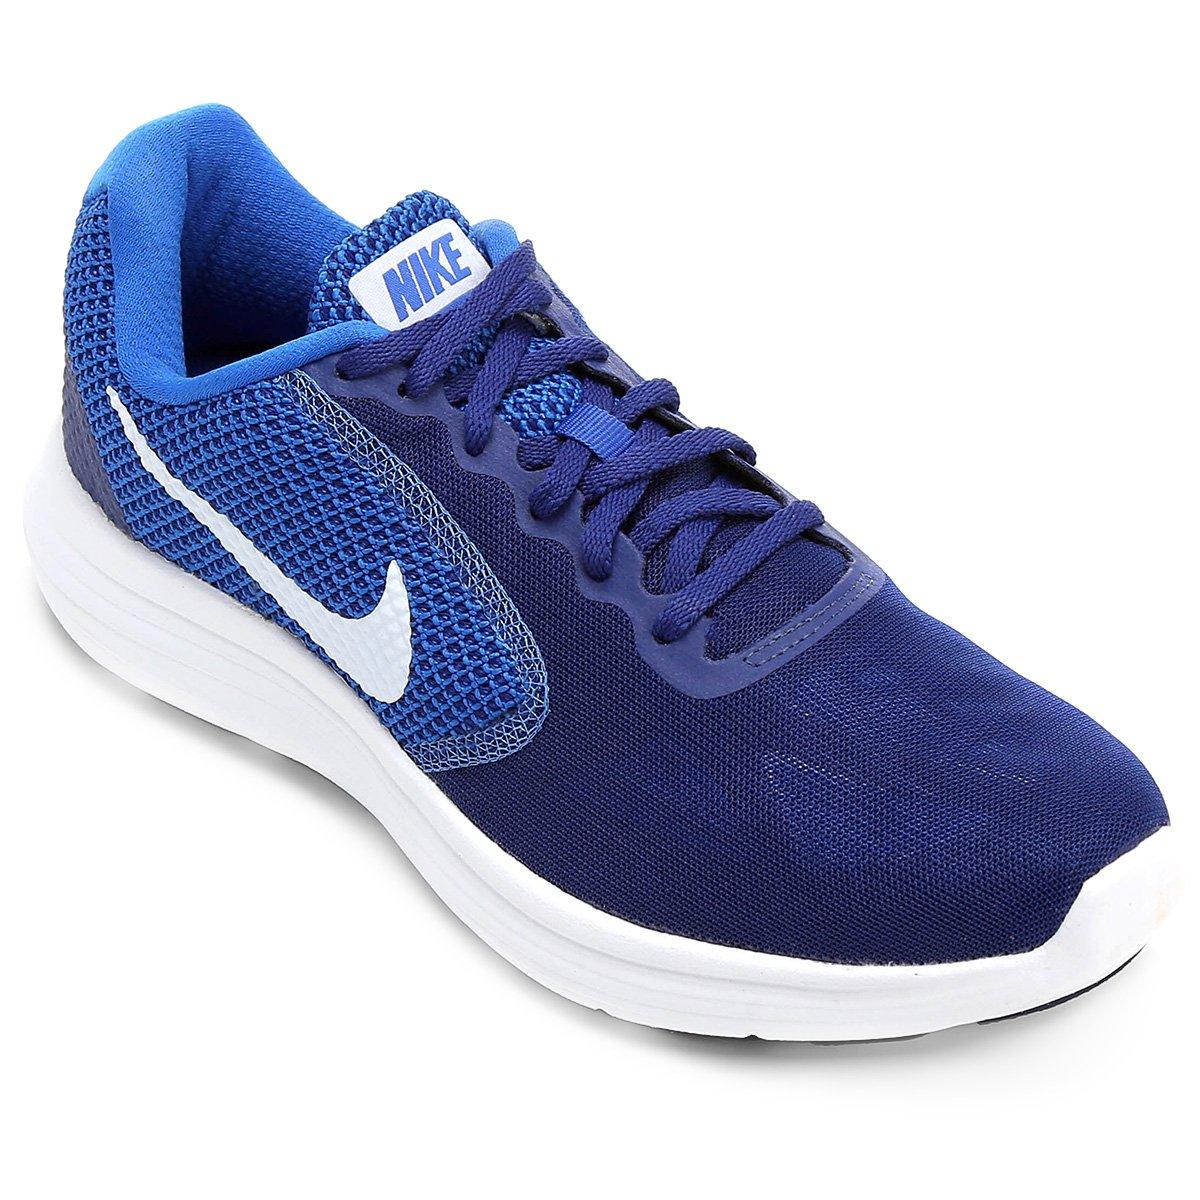 f89da01bca0 Tênis Nike Revolution 3 Masculino - Branco e Azul - Compre Agora ...